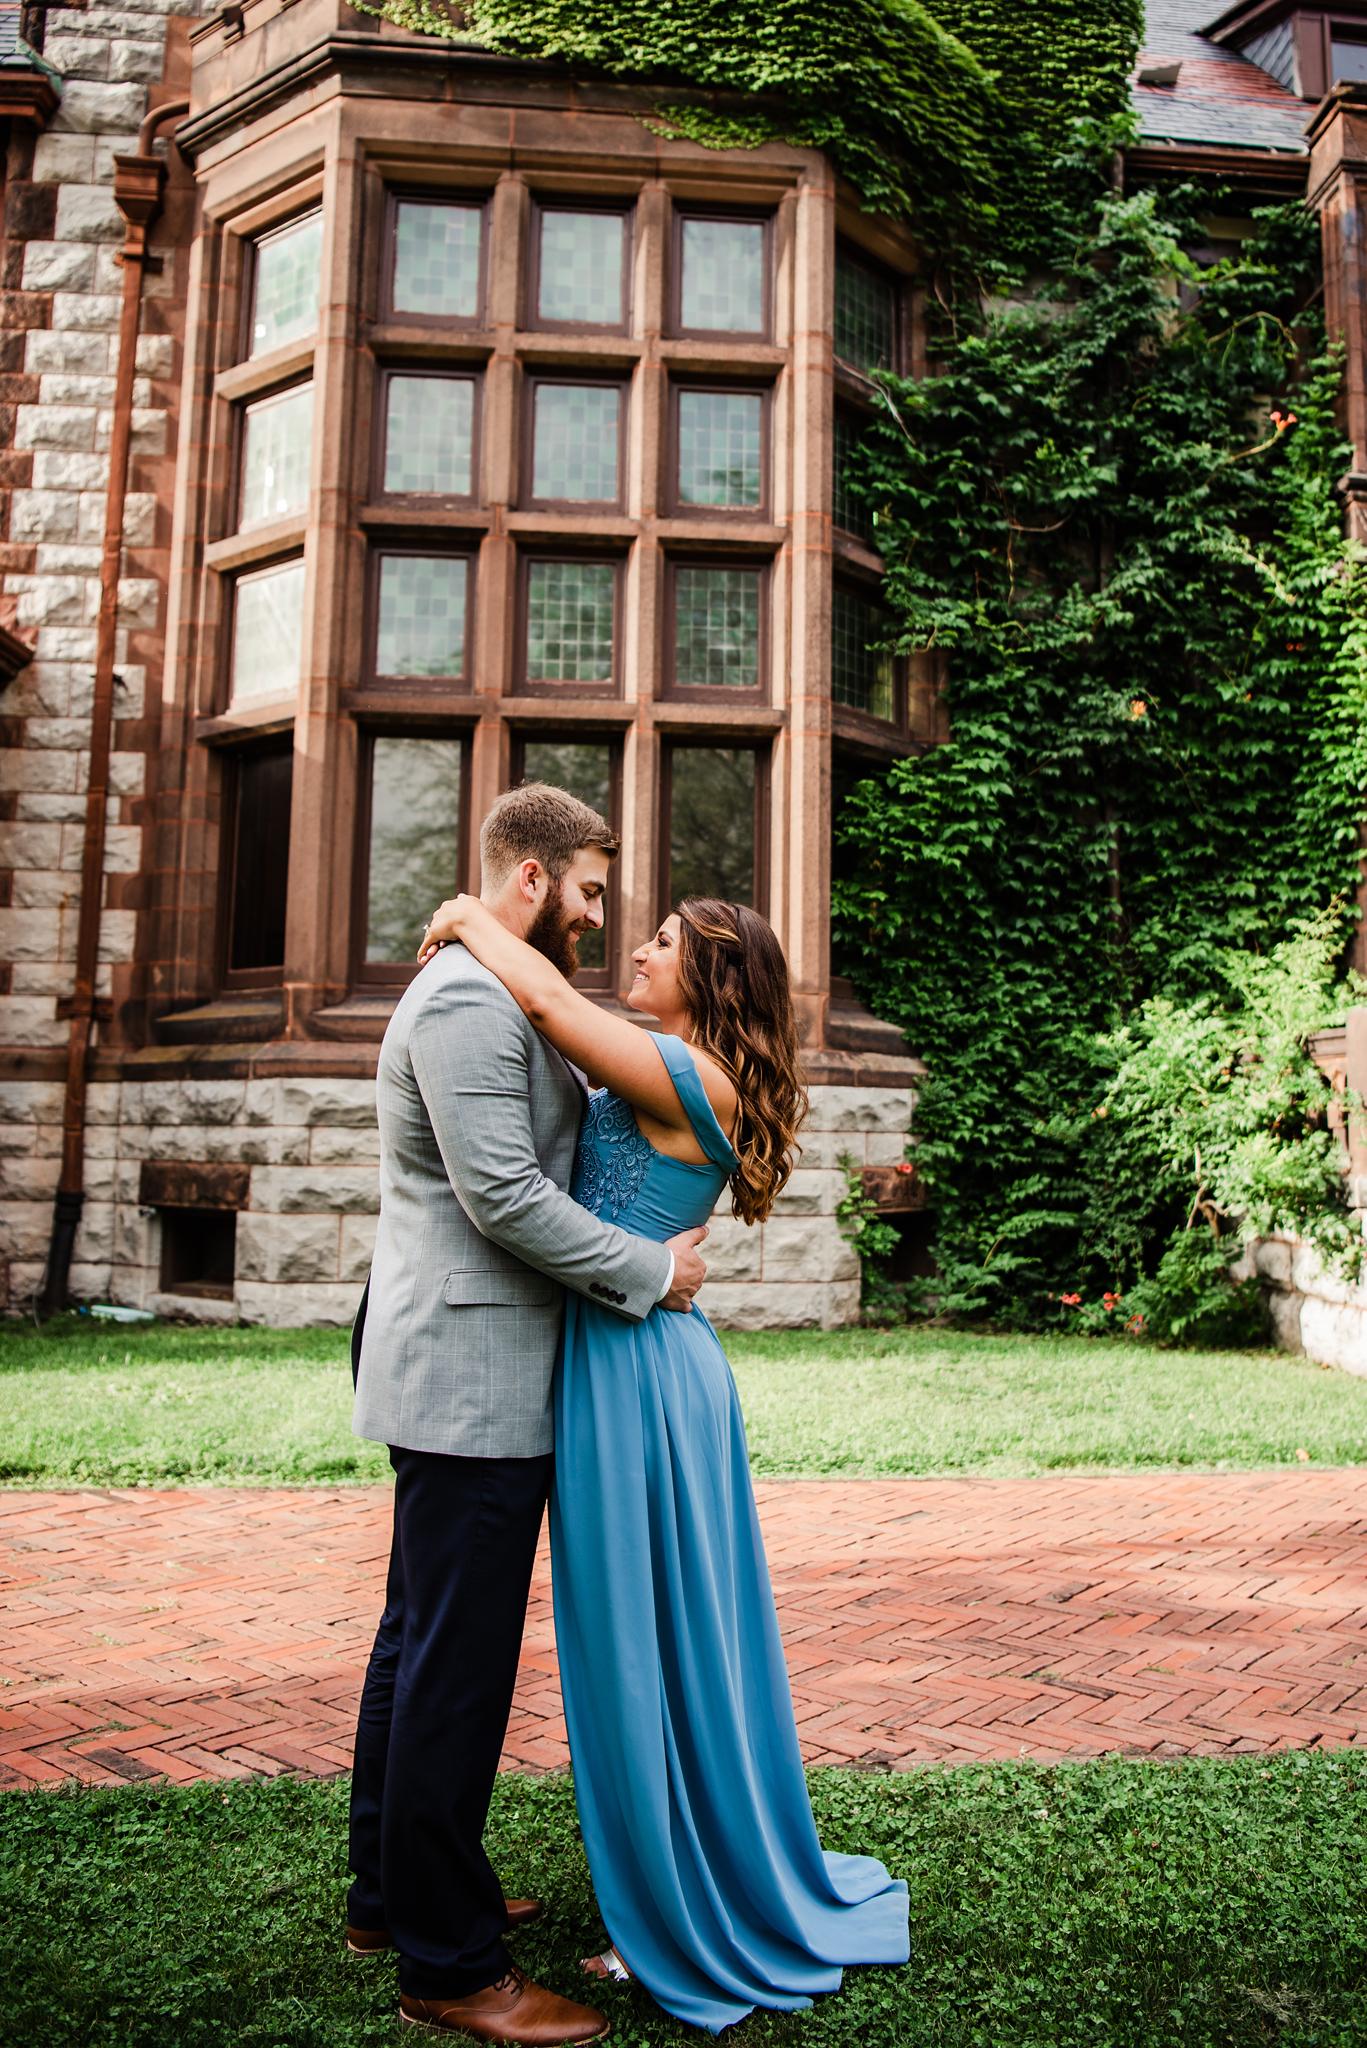 Sonnenberg_Gardens_Finger_Lakes_Engagement_Session_JILL_STUDIO_Rochester_NY_Photographer_DSC_1647.jpg